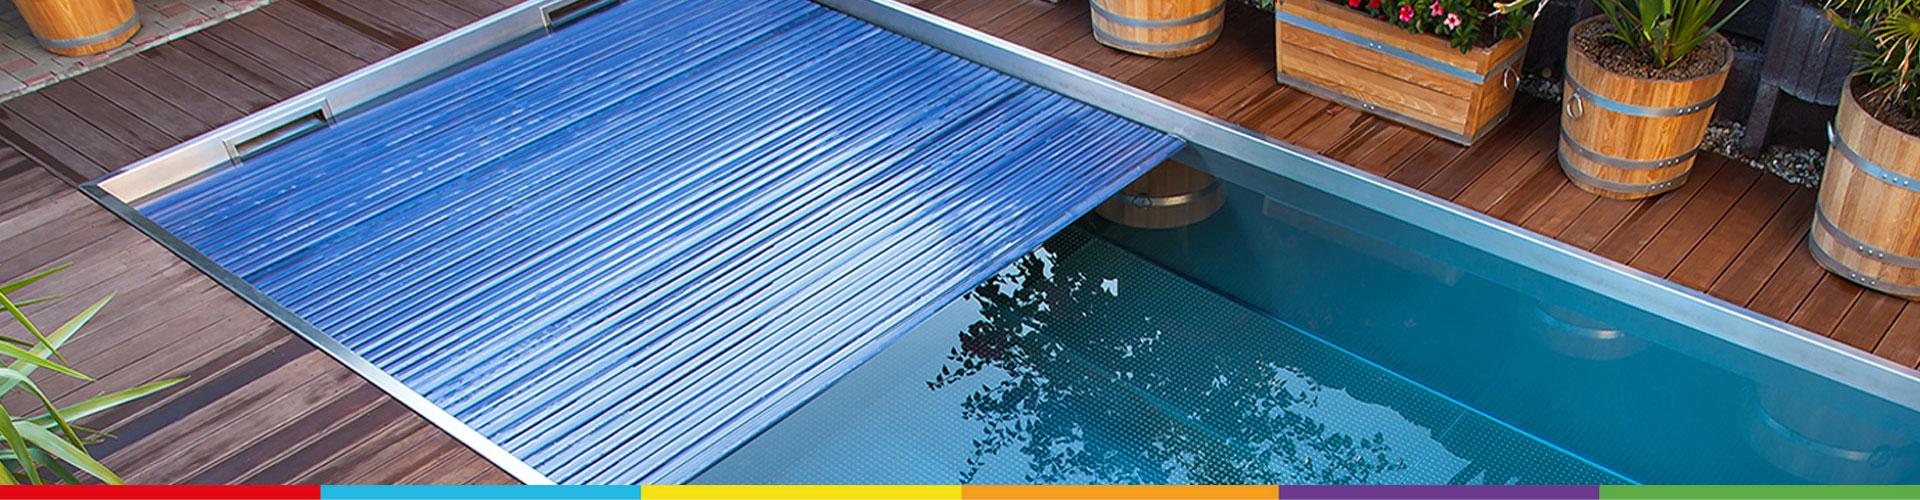 Accessoires aquacover couvertures volets de s curit for Accessoire piscine namur